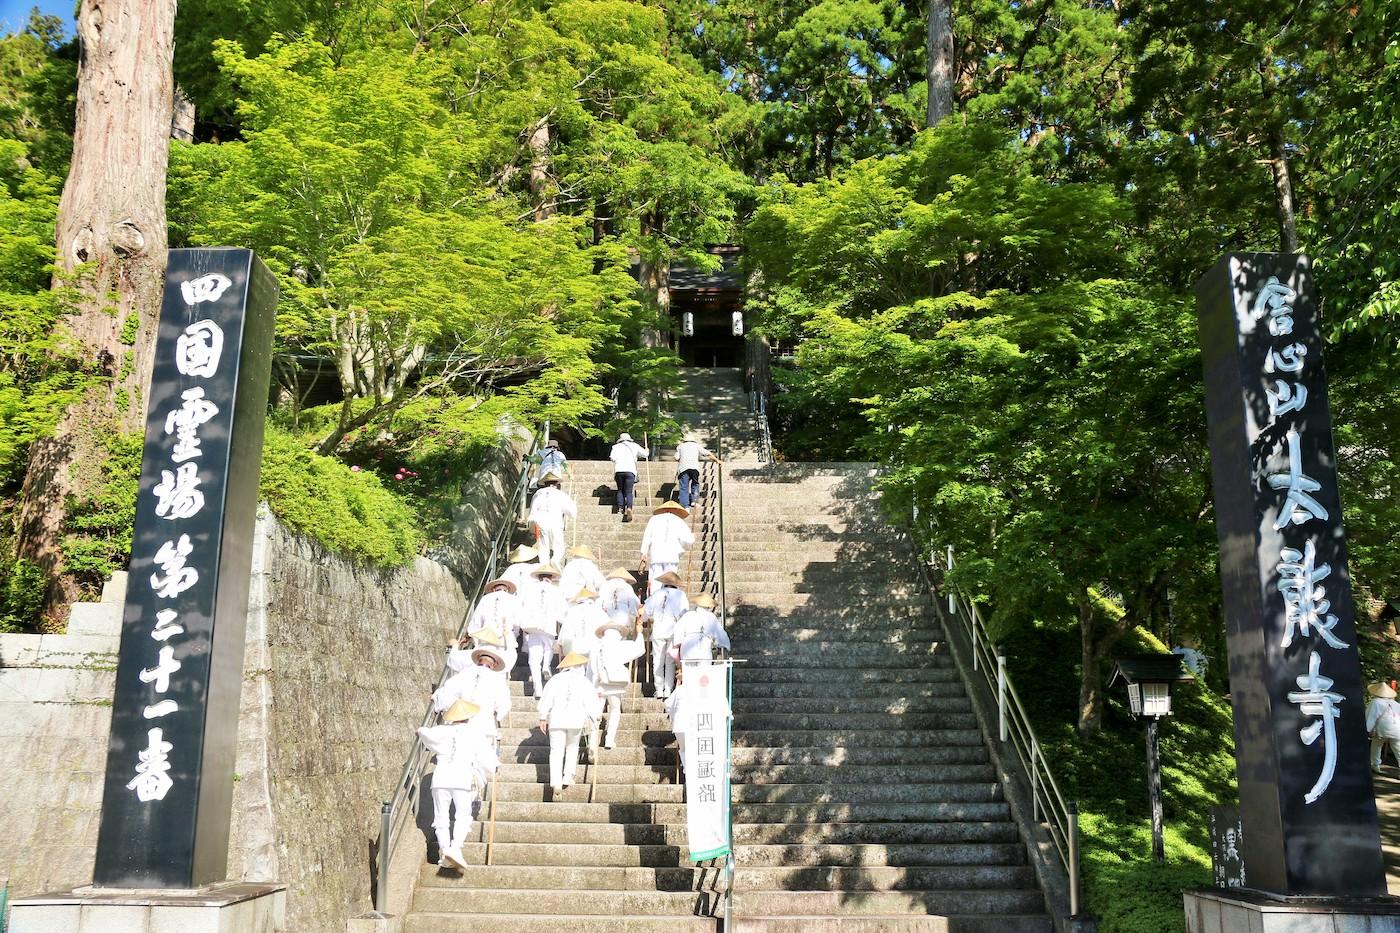 Prefectura de Kochi